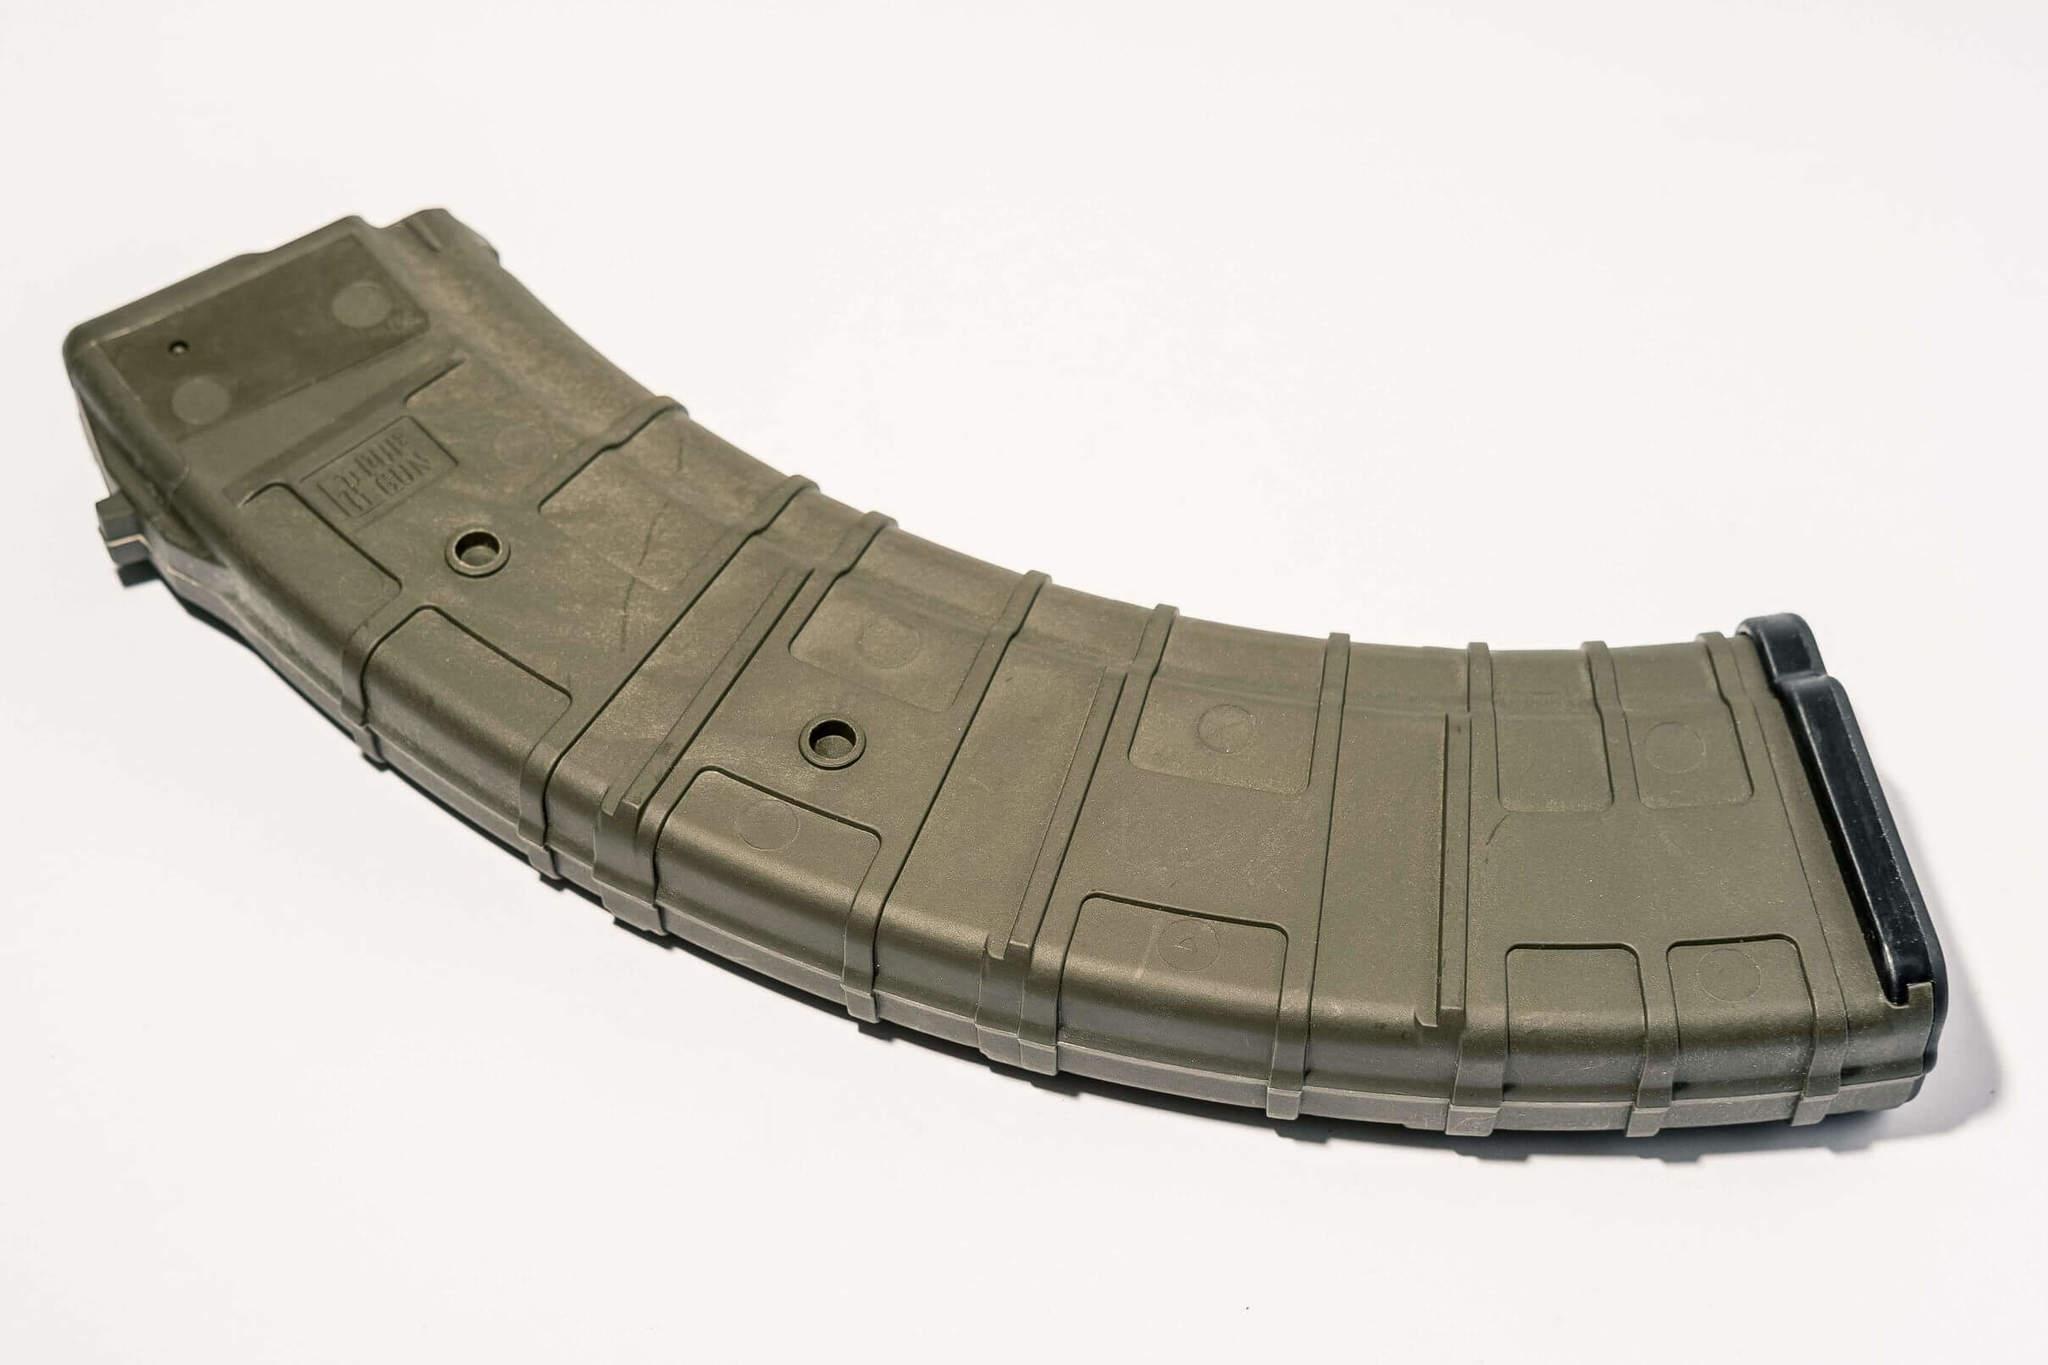 Магазин Pufgun для АКМ 7.62x39 ВПО-136 на 40 патронов, хаки